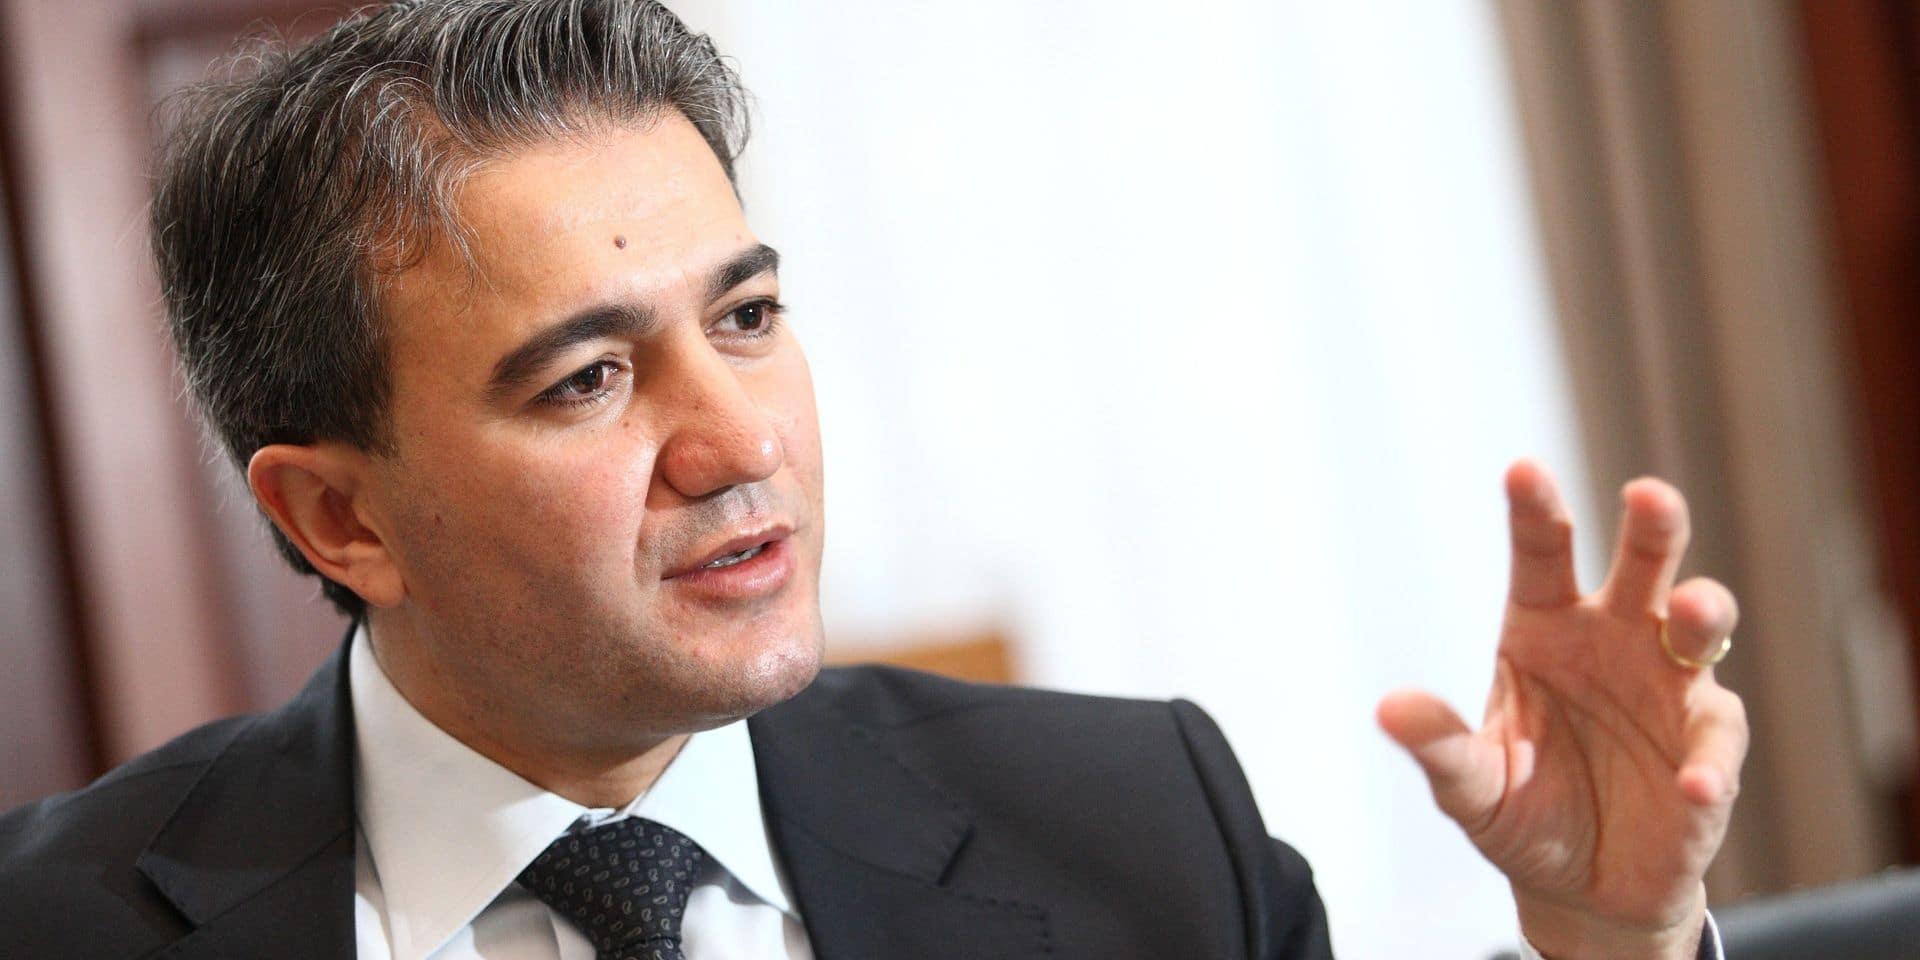 Comment Emir Kir pourrait faire perdre de nombreux mandats au PS au profit d'Ecolo